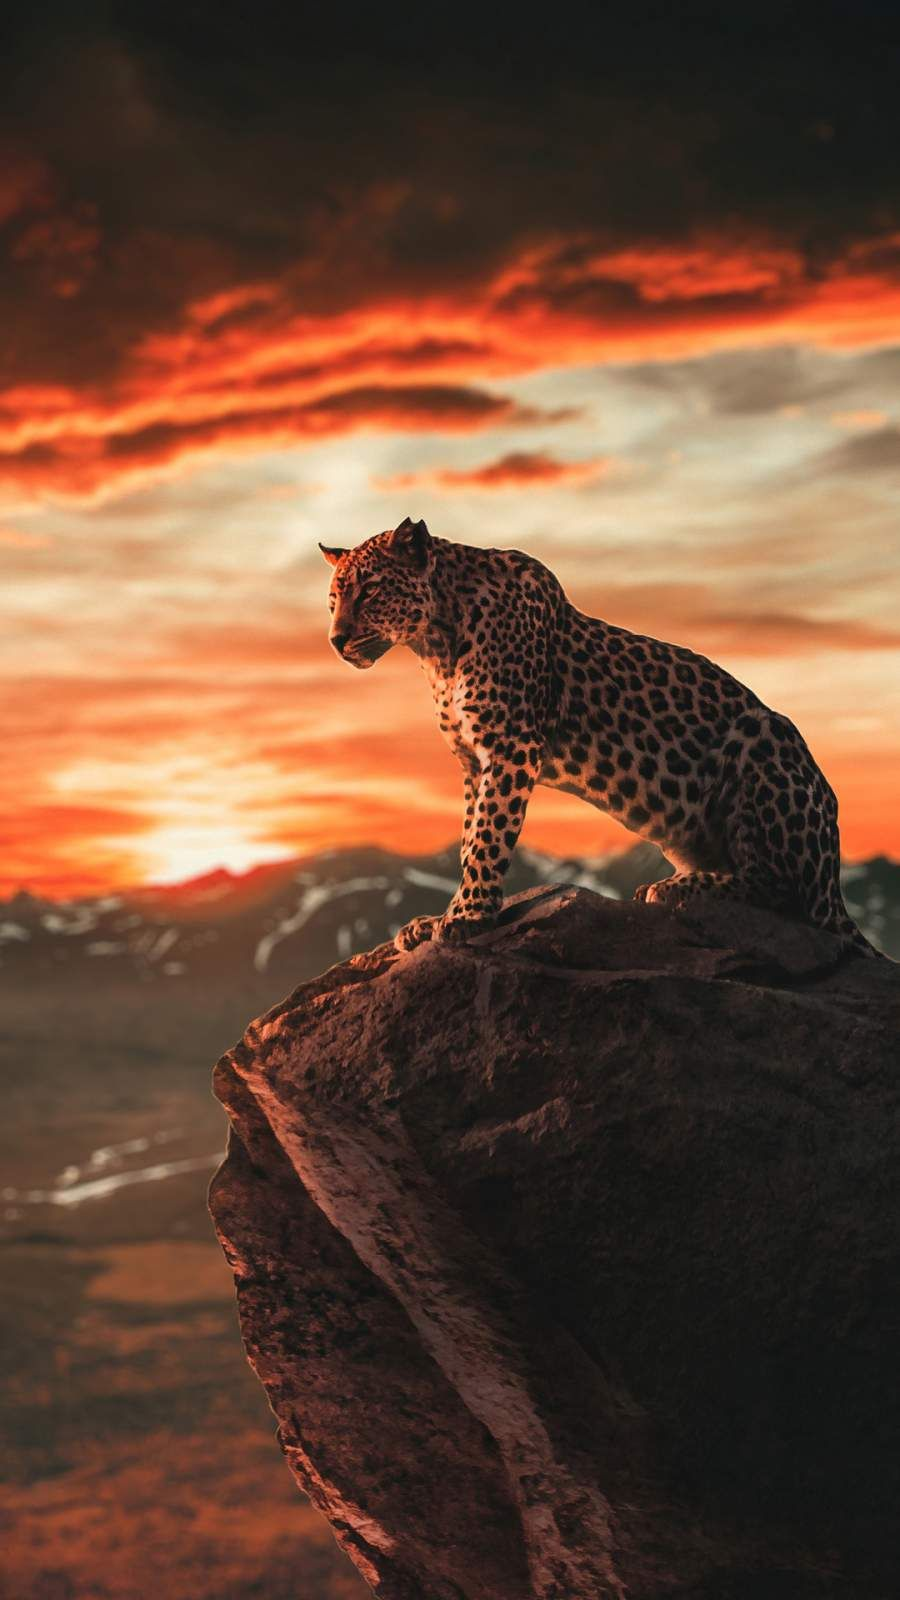 Panther Morning Iphone Wallpaper Wild Animal Wallpaper Animal Wallpaper Cutee Animals